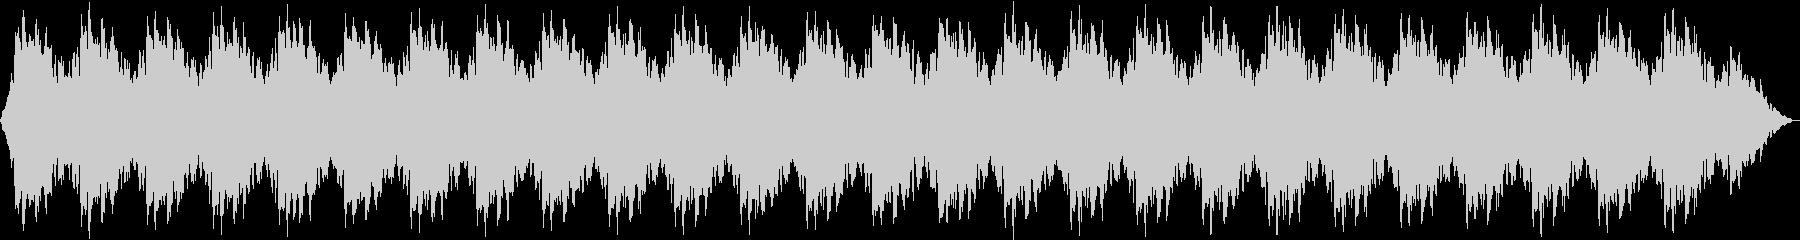 魔法詠唱、魔法発動、独白 09の未再生の波形